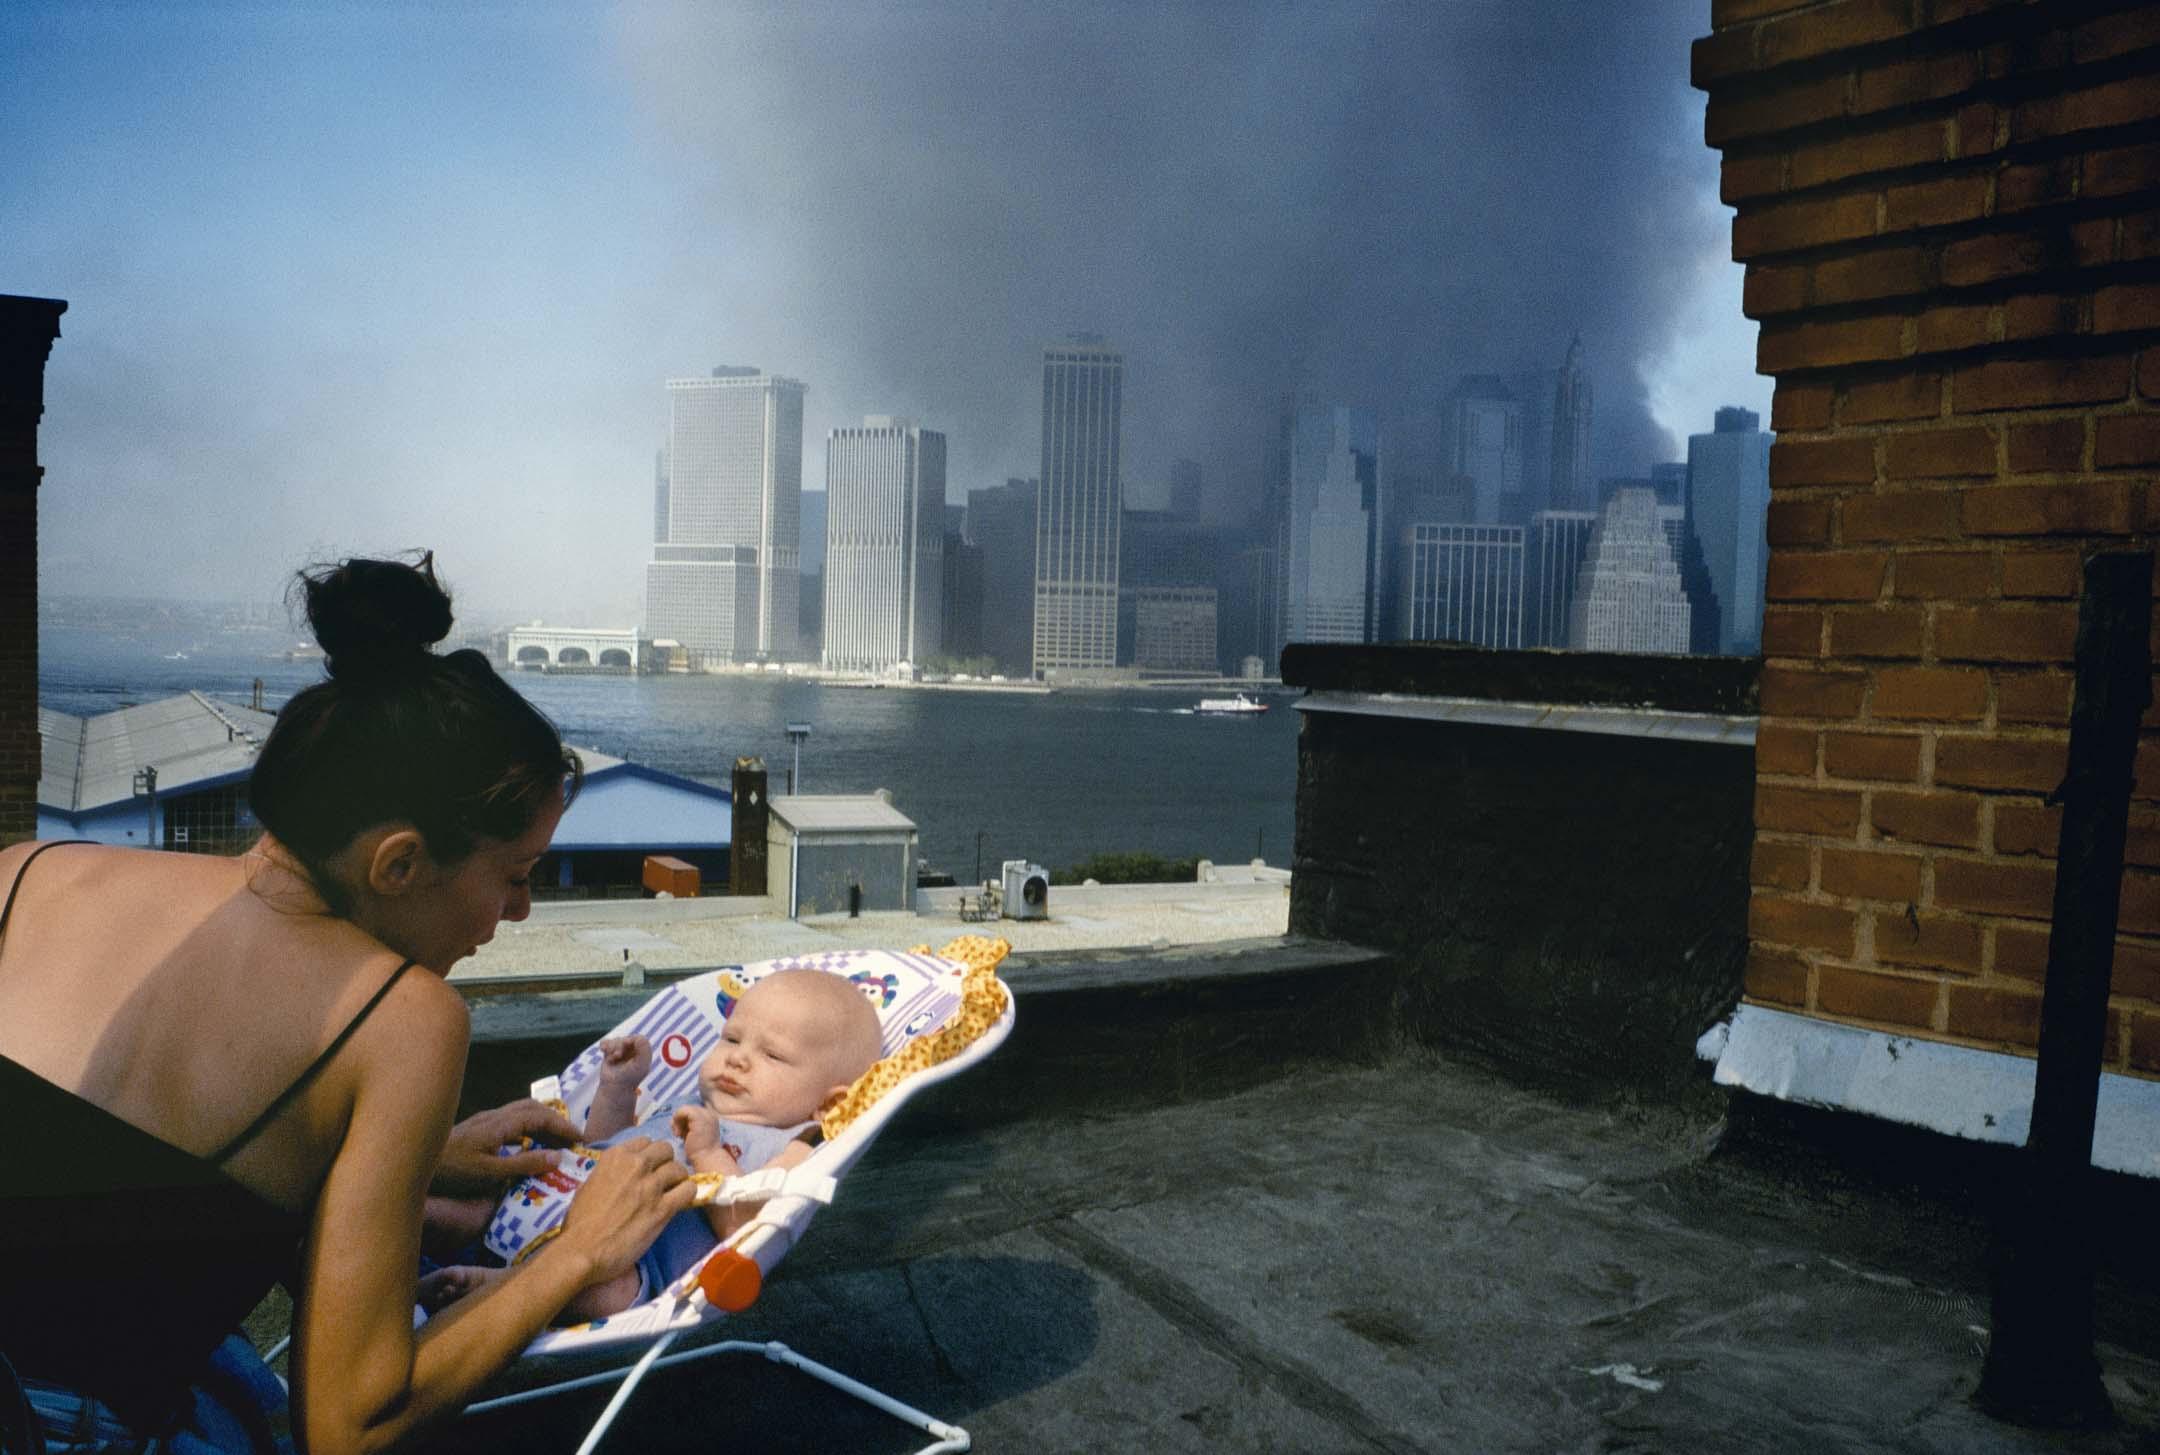 2001年9月11日,一名母親在紐約布魯克林的一個屋頂上輕輕安慰孩子。 圖:Alex Webb / Magnum Photos